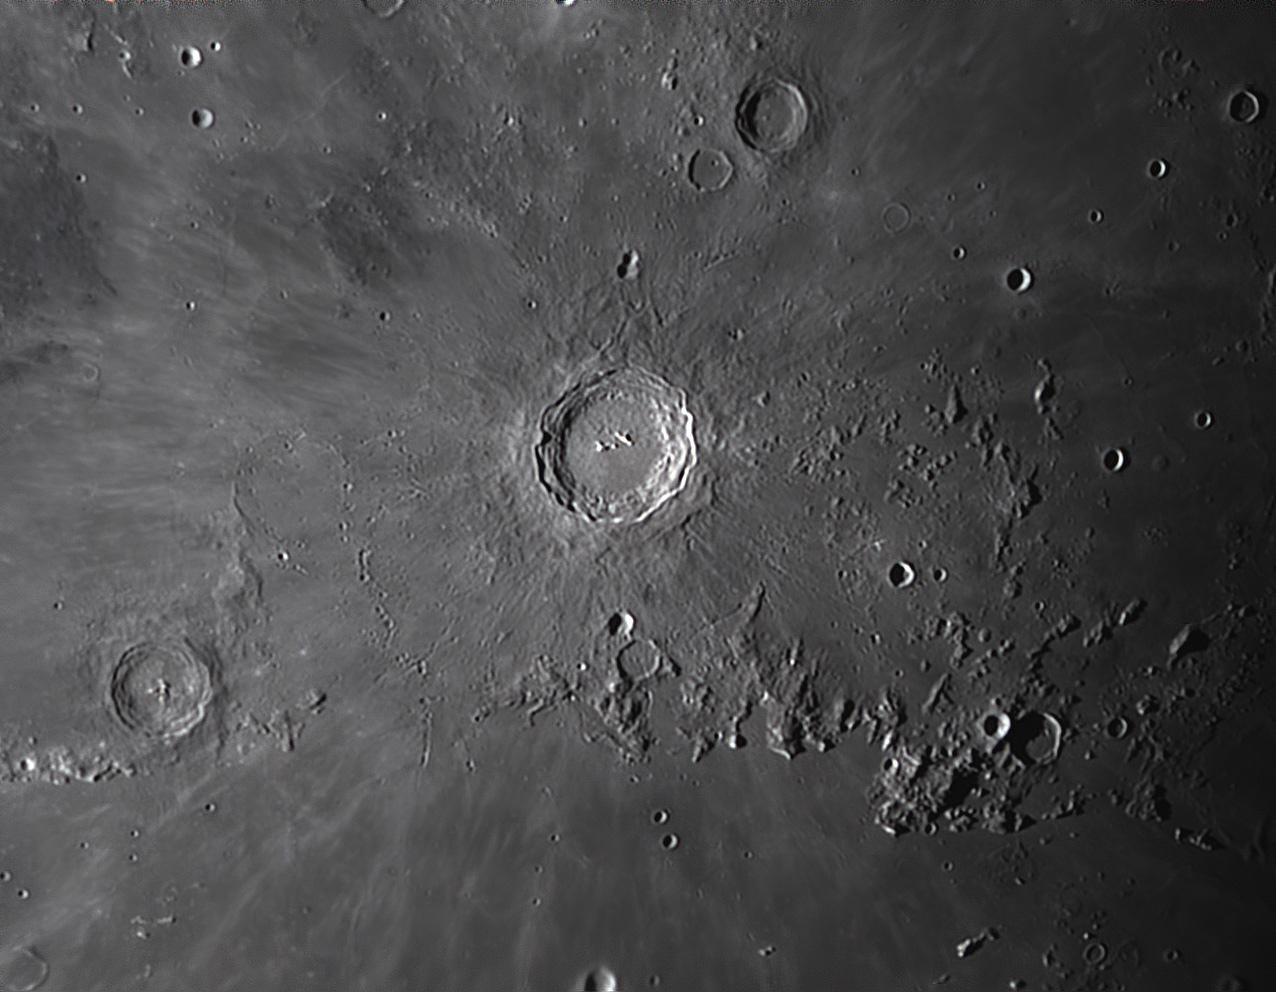 Lune_2020_04_03_AS3_21_20_51_500i_R2P1S1_Copernic.jpg